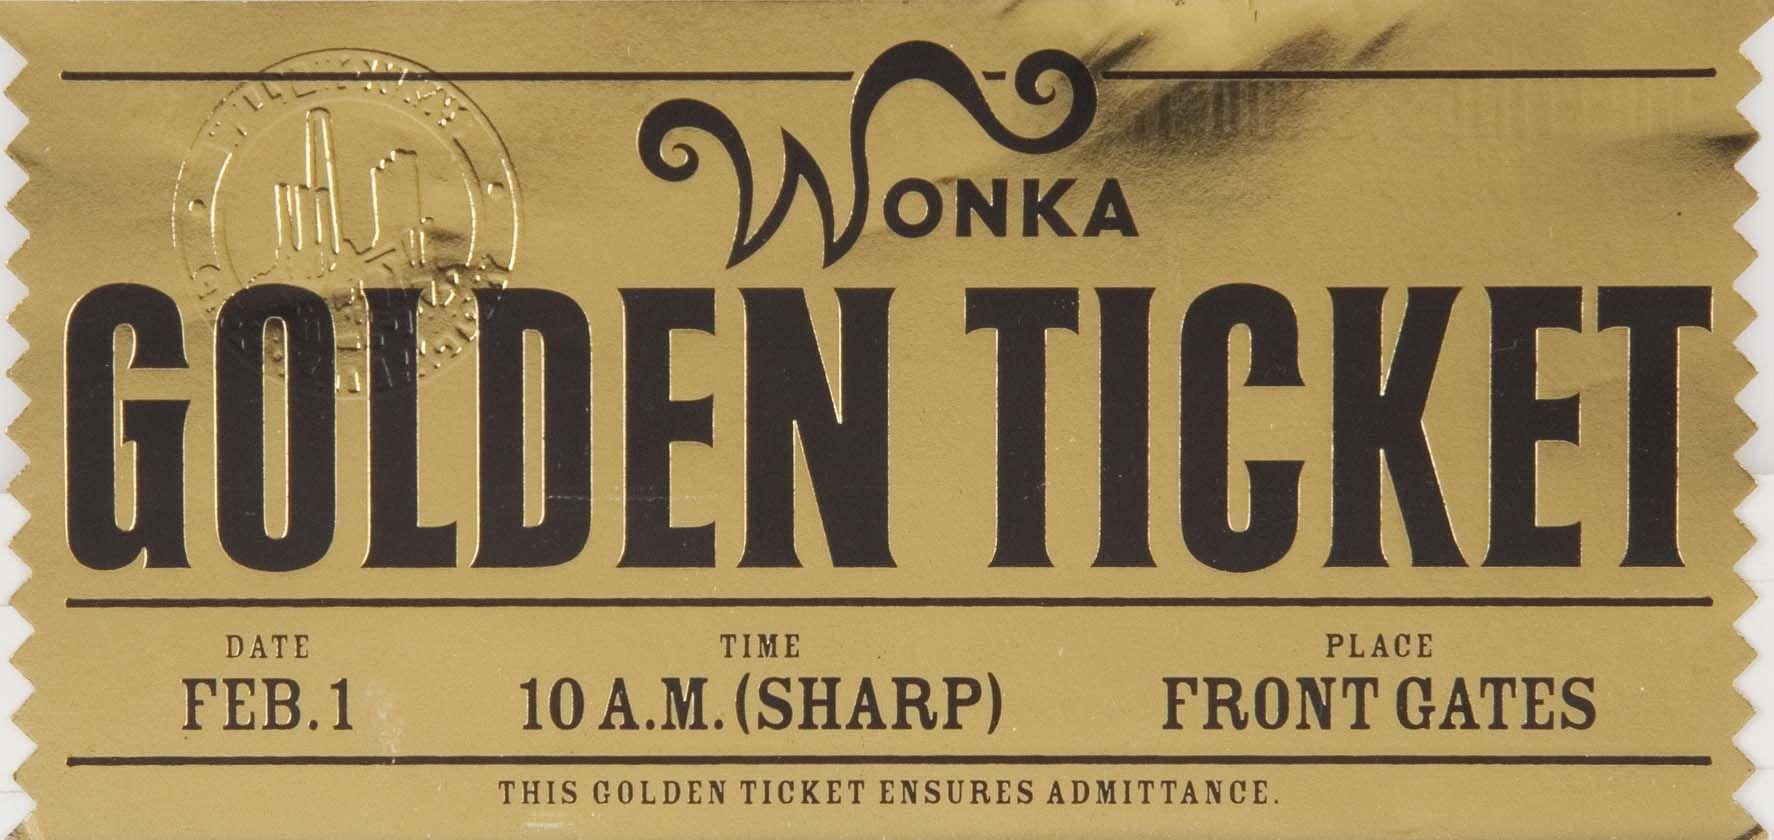 Golden Ticket front | Fabrica de chocolate, Chocolate, Bilhete